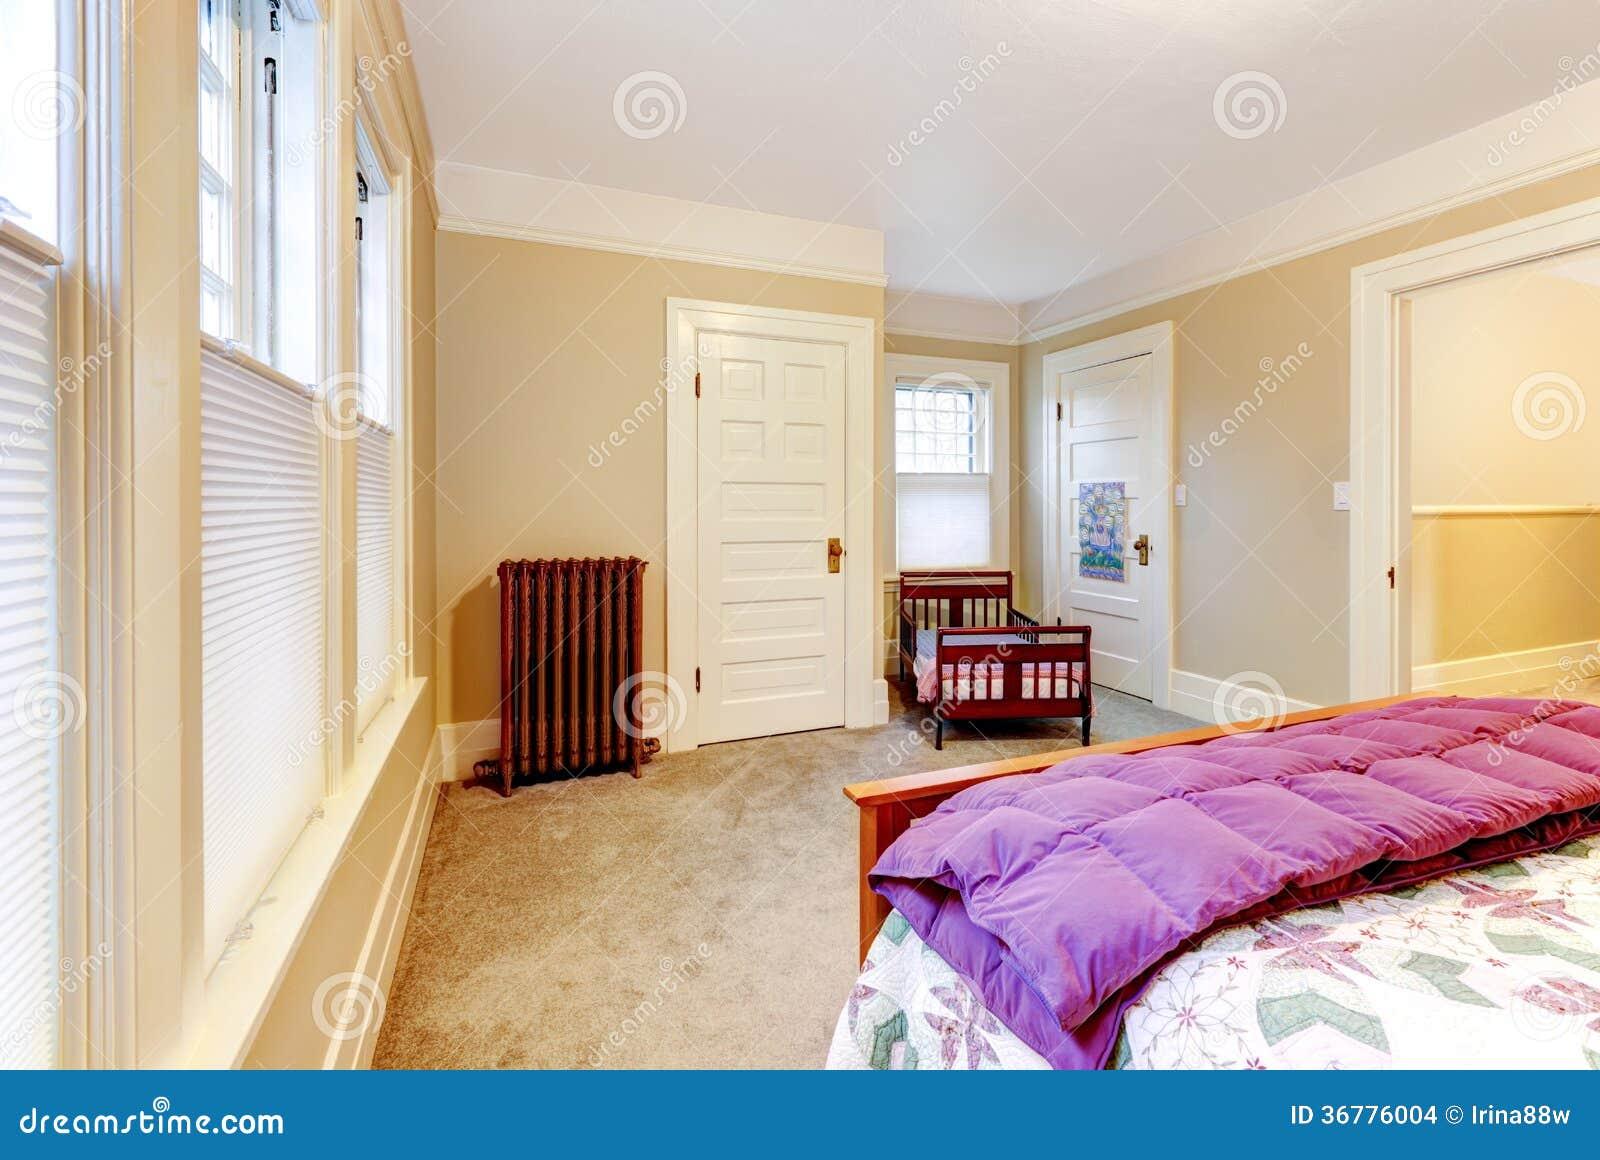 Lichte comfortabele kleine slaapkamer met babyvoederbak stock afbeeldingen afbeelding 36776004 - Klassiek bed ...